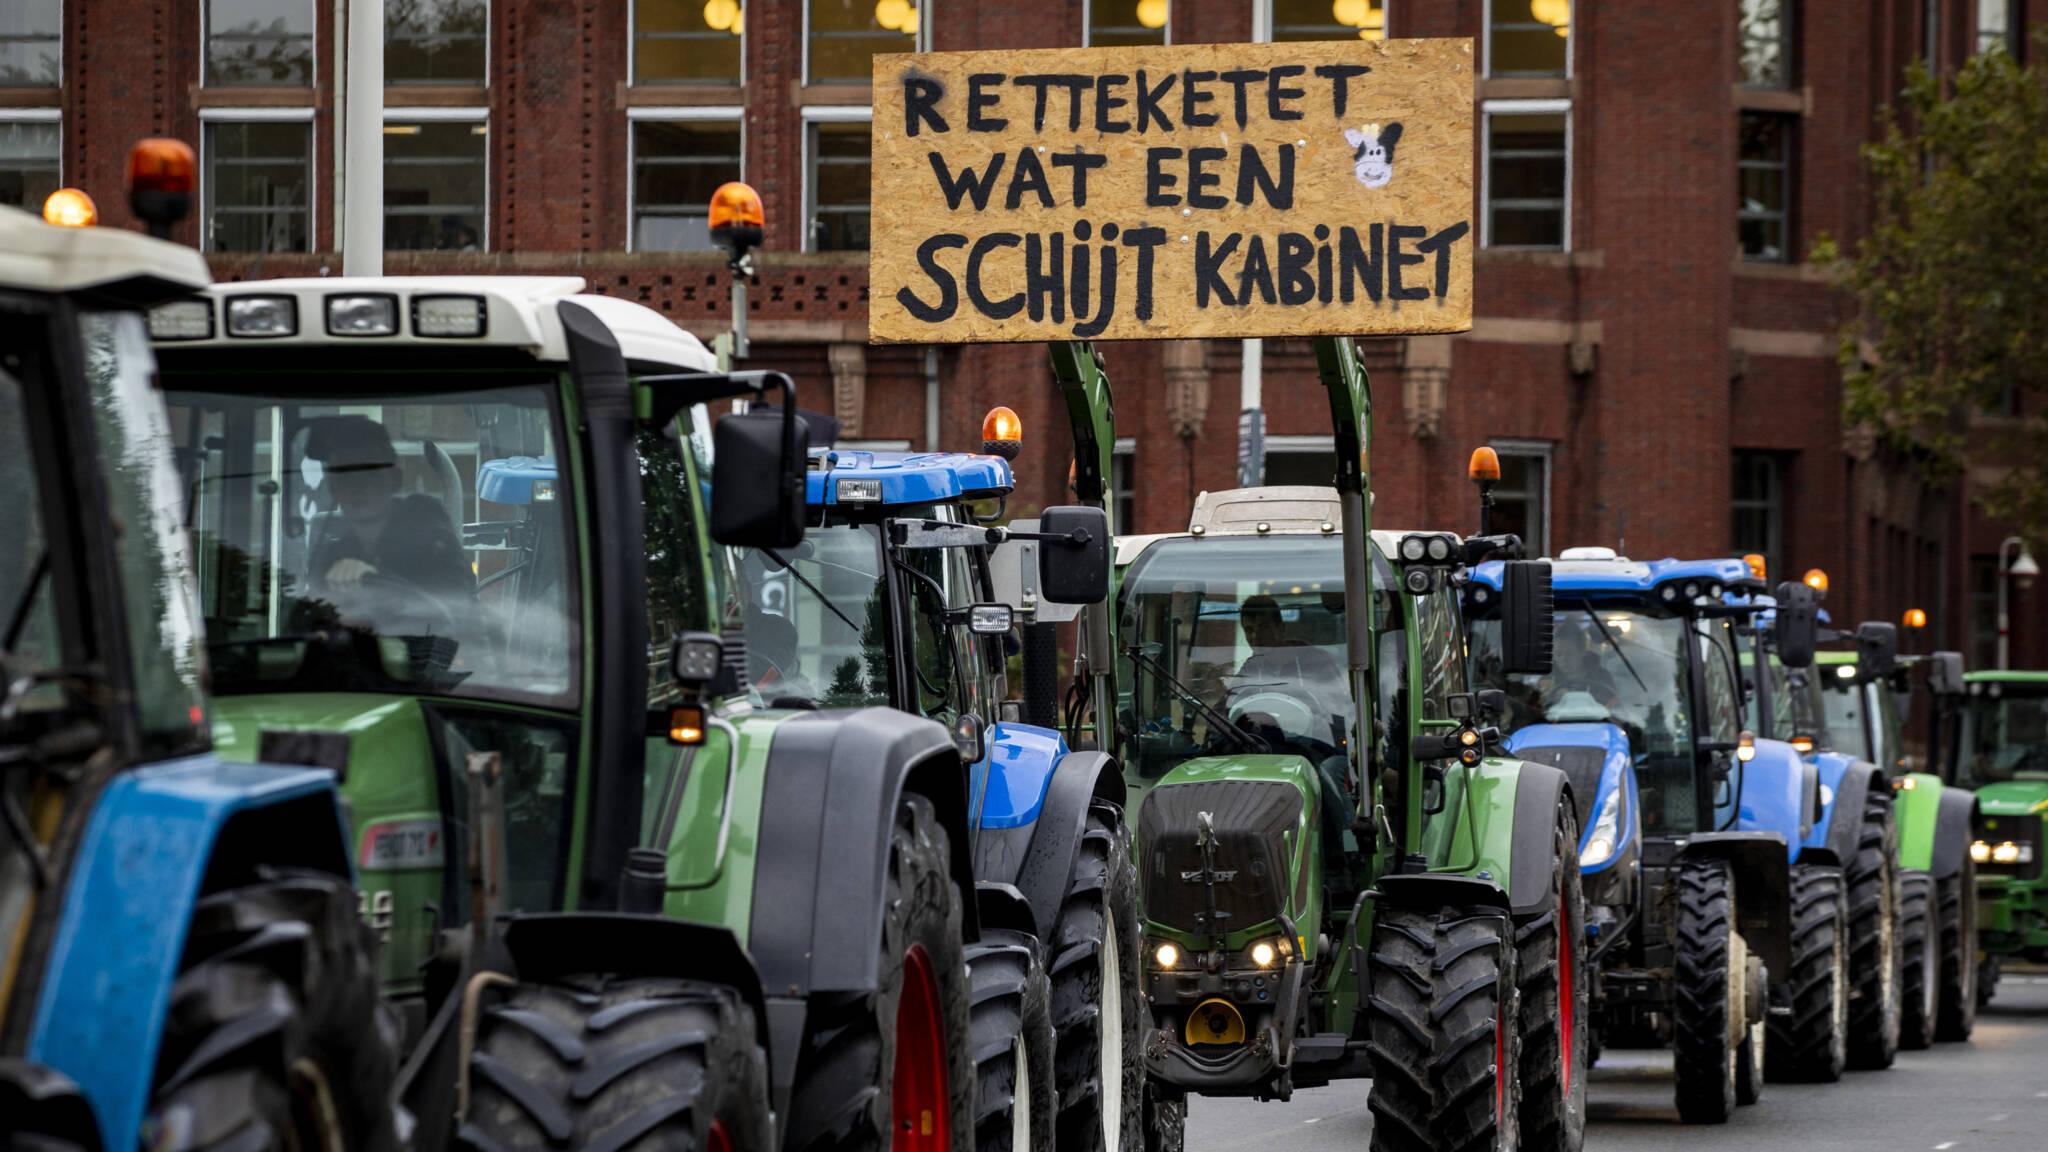 Wat is nou eigenlijk het stikstof probleem, waarom klagen de boeren en waarom snelheidsverlaging?